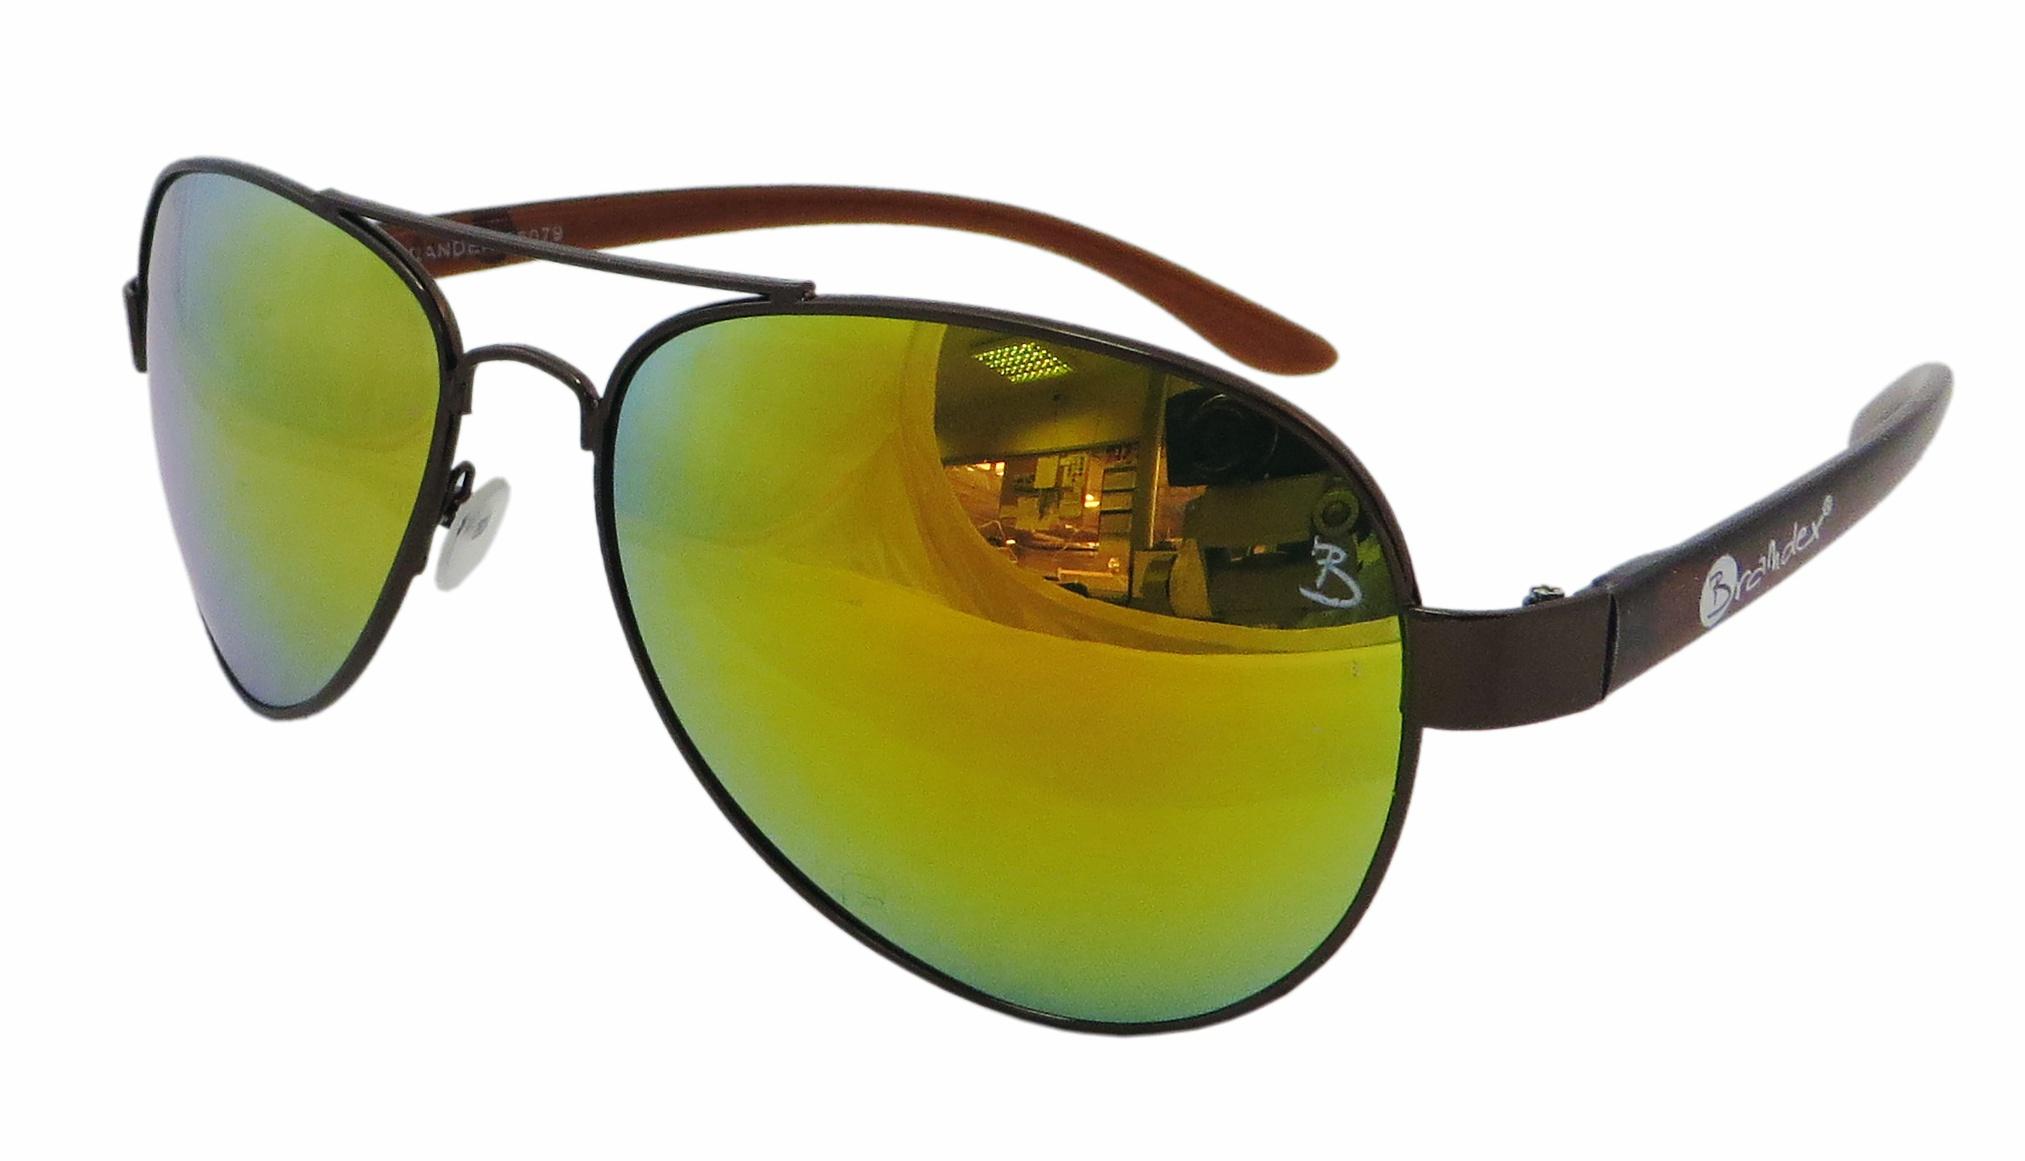 Jaki kształt okularów? Pilotki